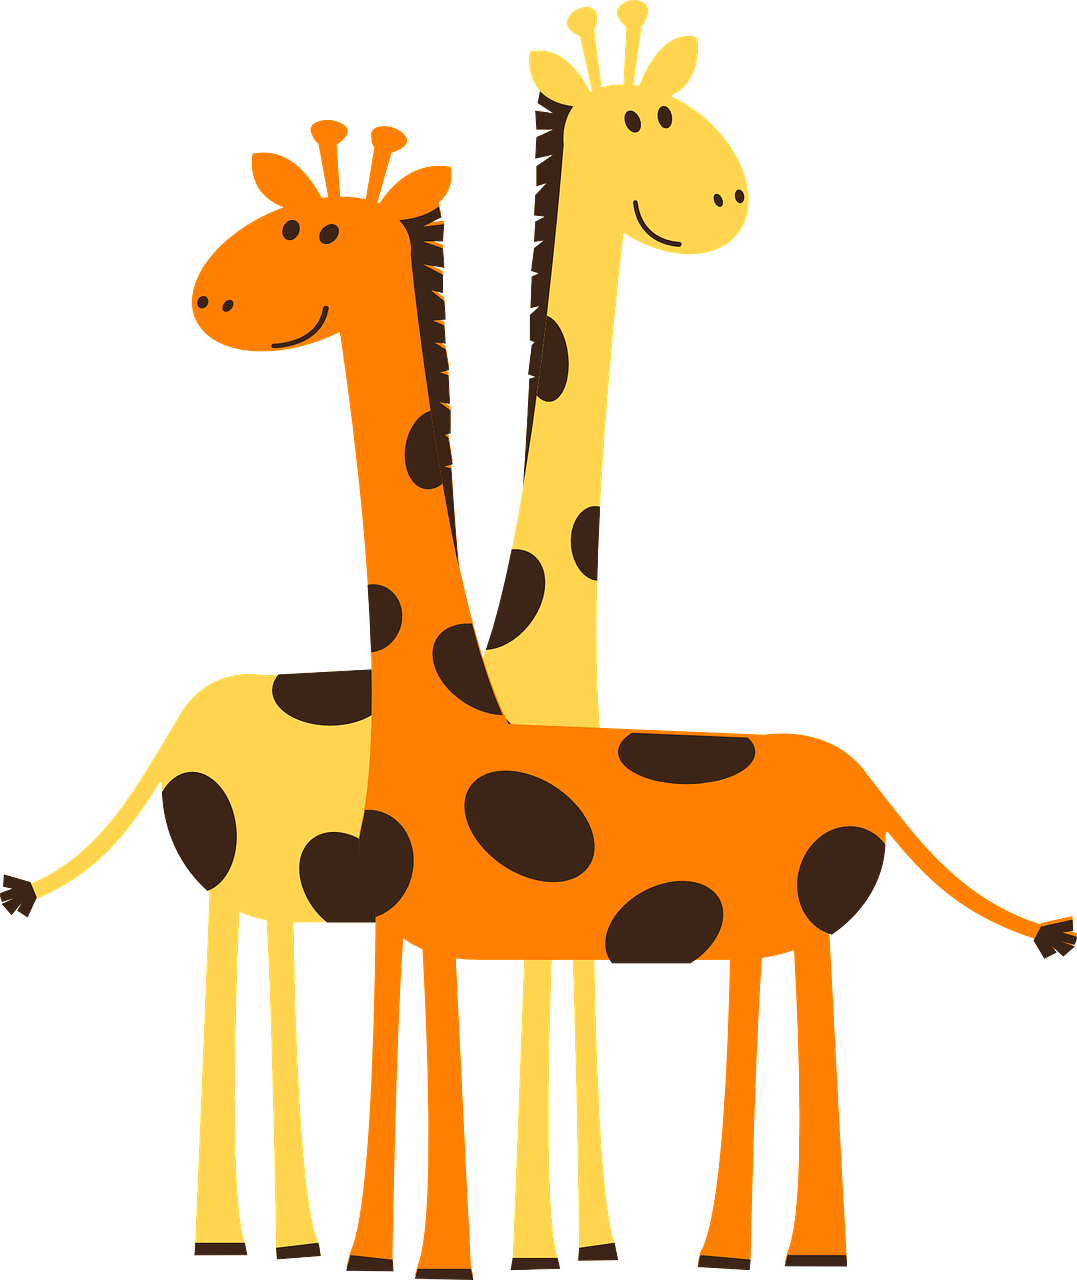 Картинки жирафа для детей нарисованные, днем рождения сестре